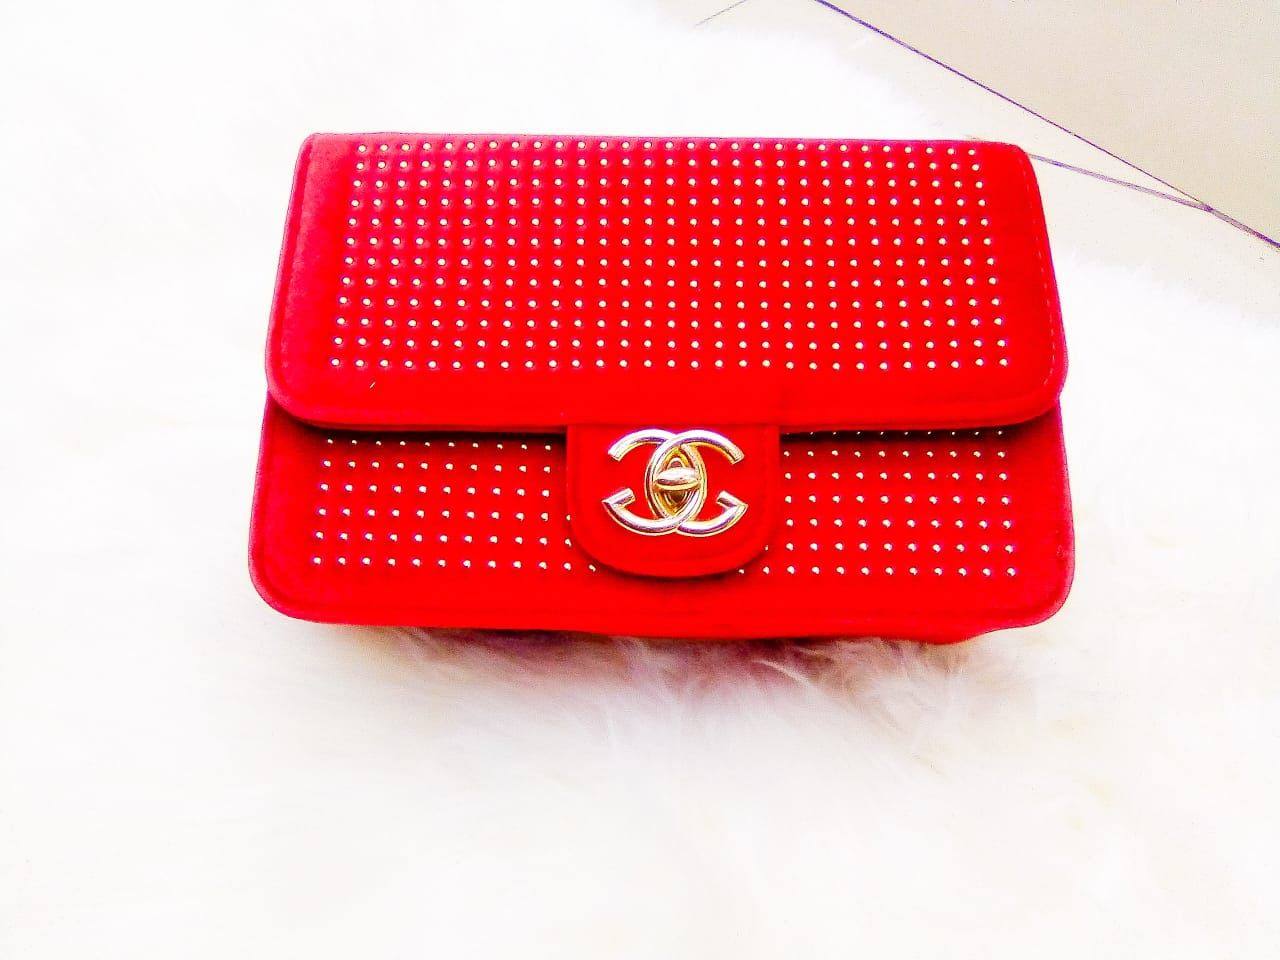 Sling Bag VS00804